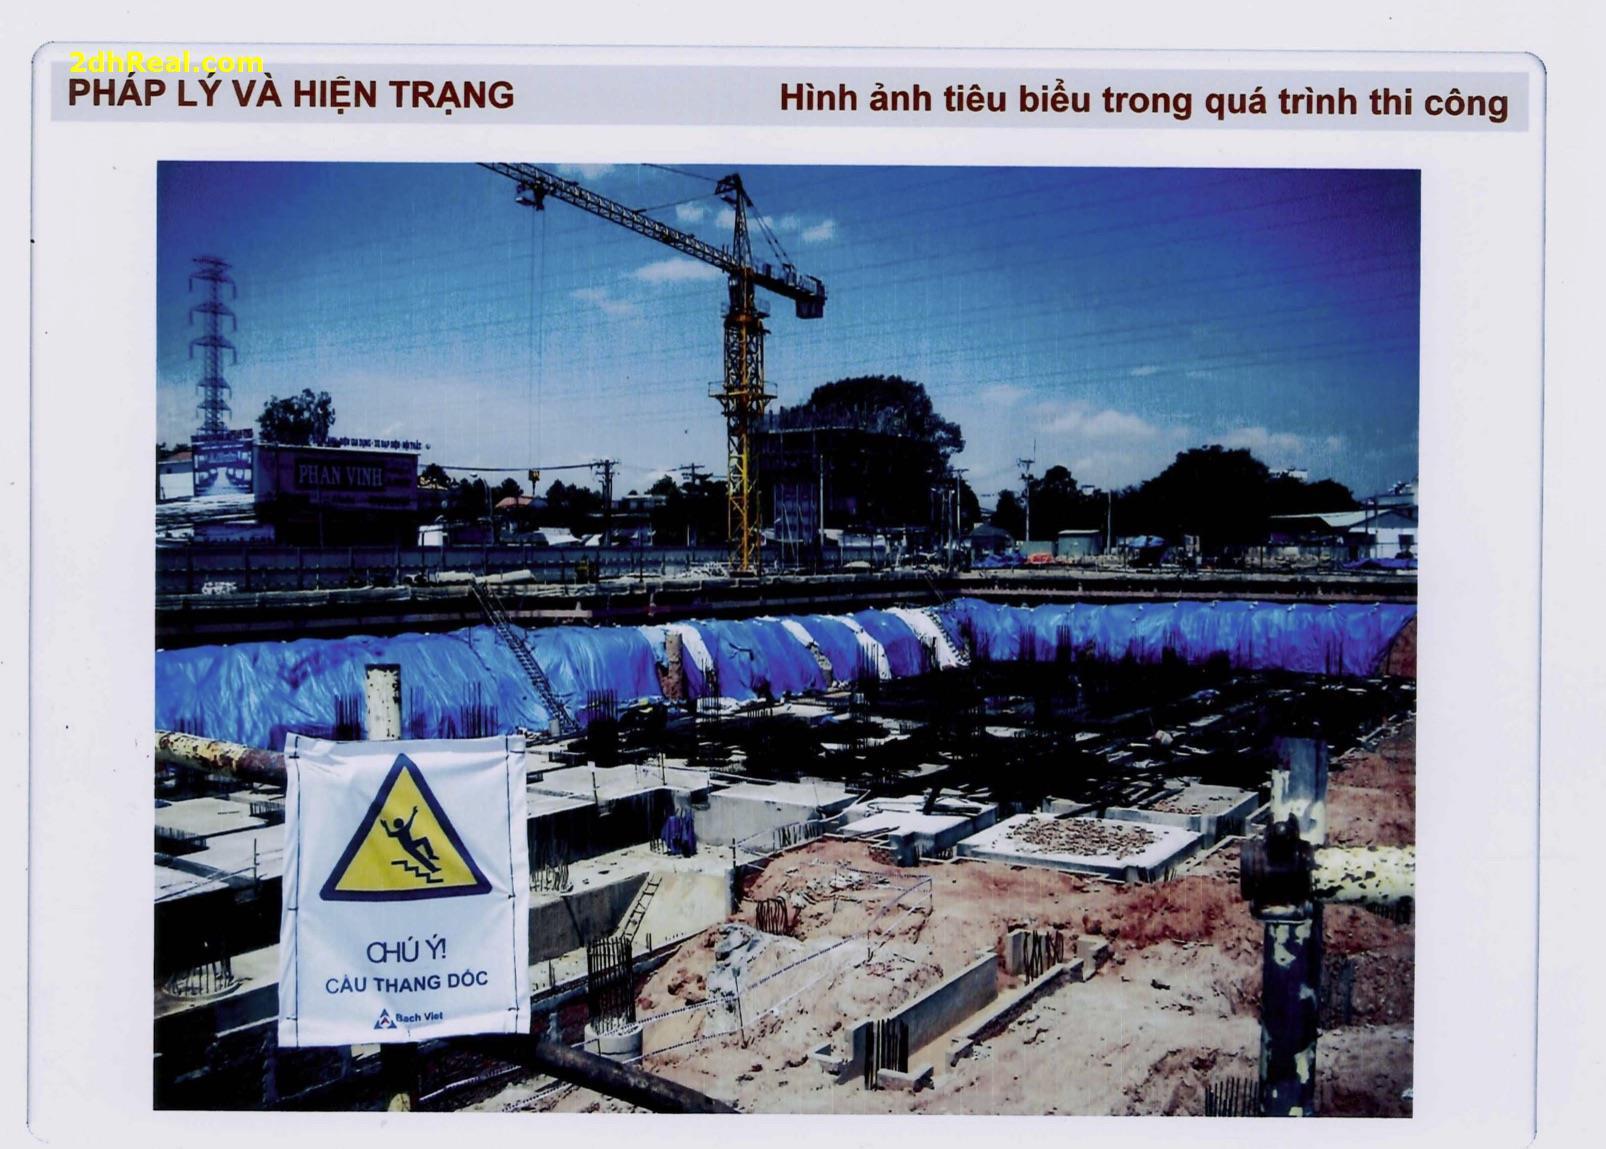 Bán dự án Richland Hill A745 – A746 đường Lê Văn Việt, phường Hiệp Phú, quận 9, Tp.HCM